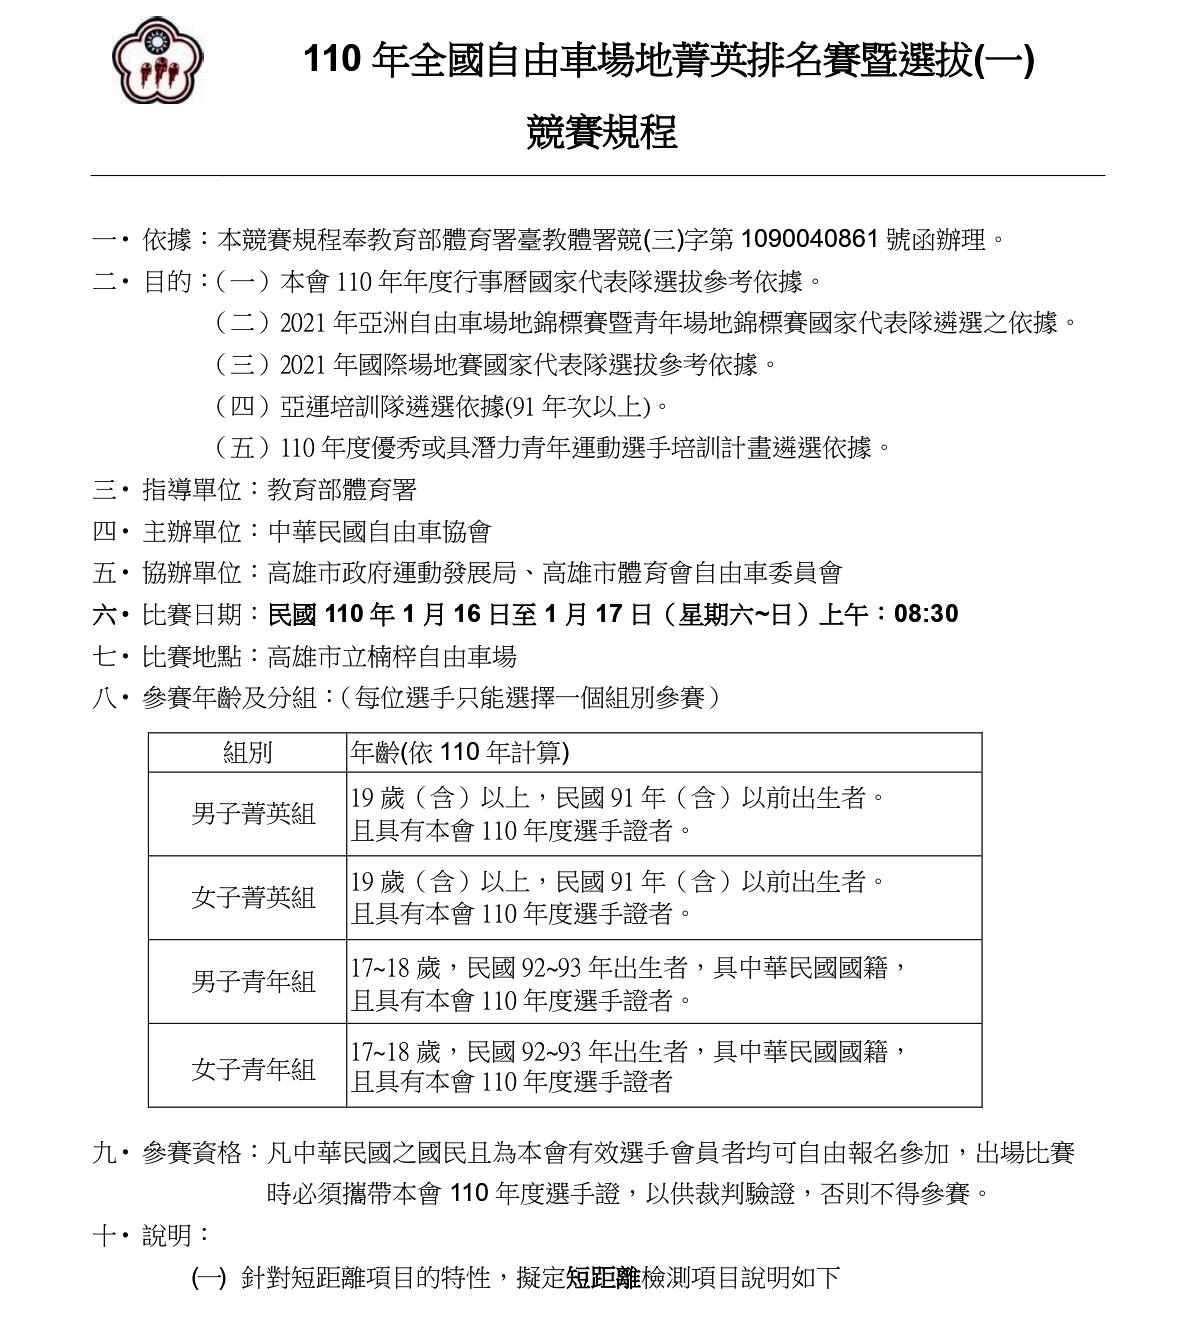 110年全國自由車場地菁英排名賽一競賽規程_page-0001-1